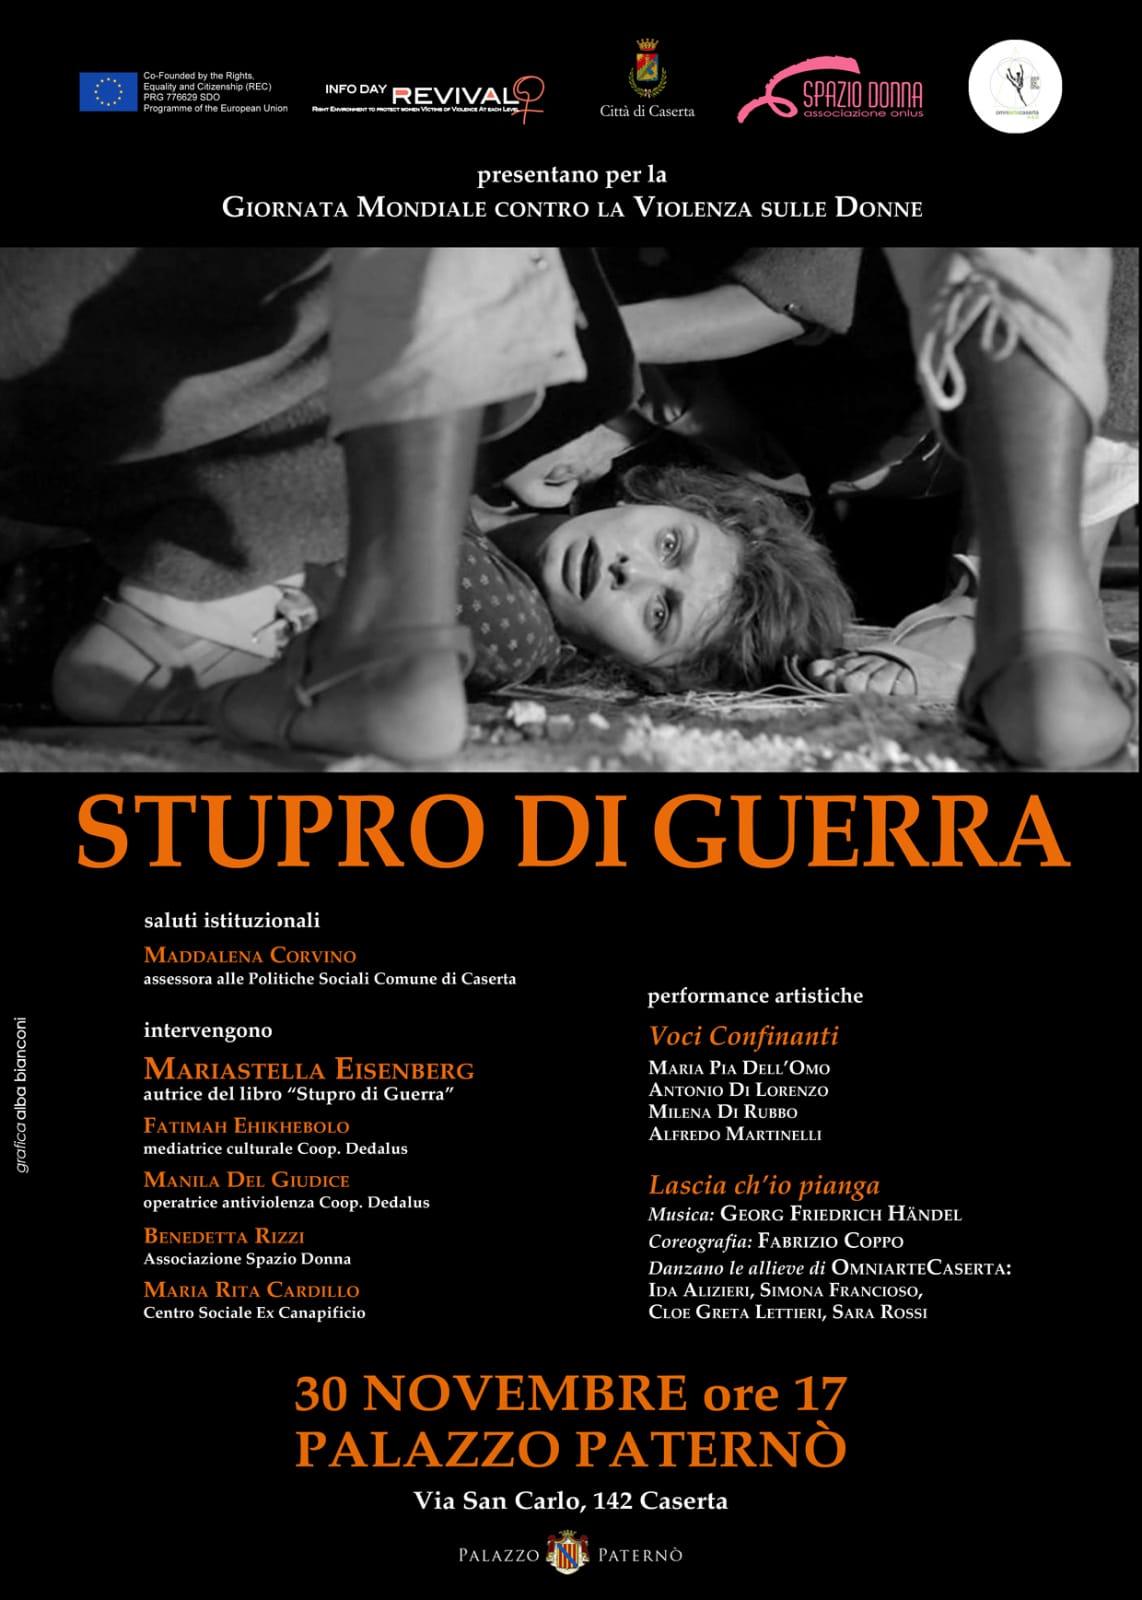 Stupro di guerra. A Palazzo Paternò va in scena Spazio DonnaStupro di guerra.  A Palazzo Paternò va in scena Spazio Donna - Ondaweb TV